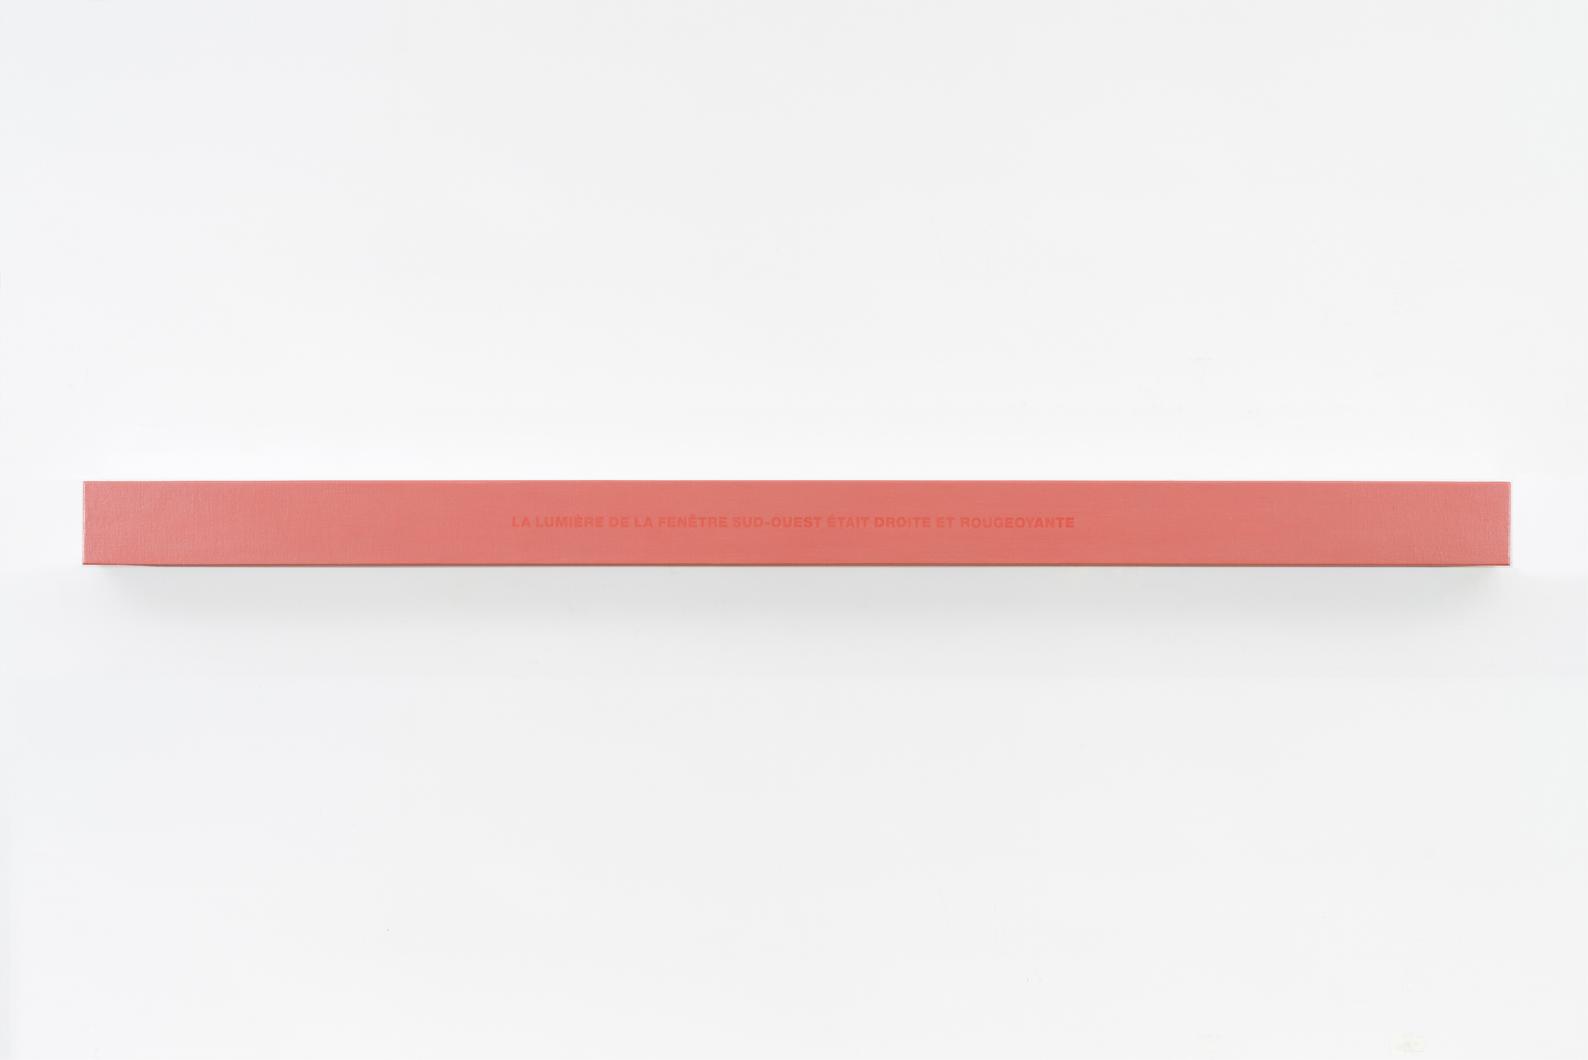 Francine Savrd, Lumière du sud‑ouest, 2018, Médiums mixtes sur toile marouflée sur caisson de bois, 10,16 × 177,8 × 10,16 cm / 4 x 70 x 4 pouces